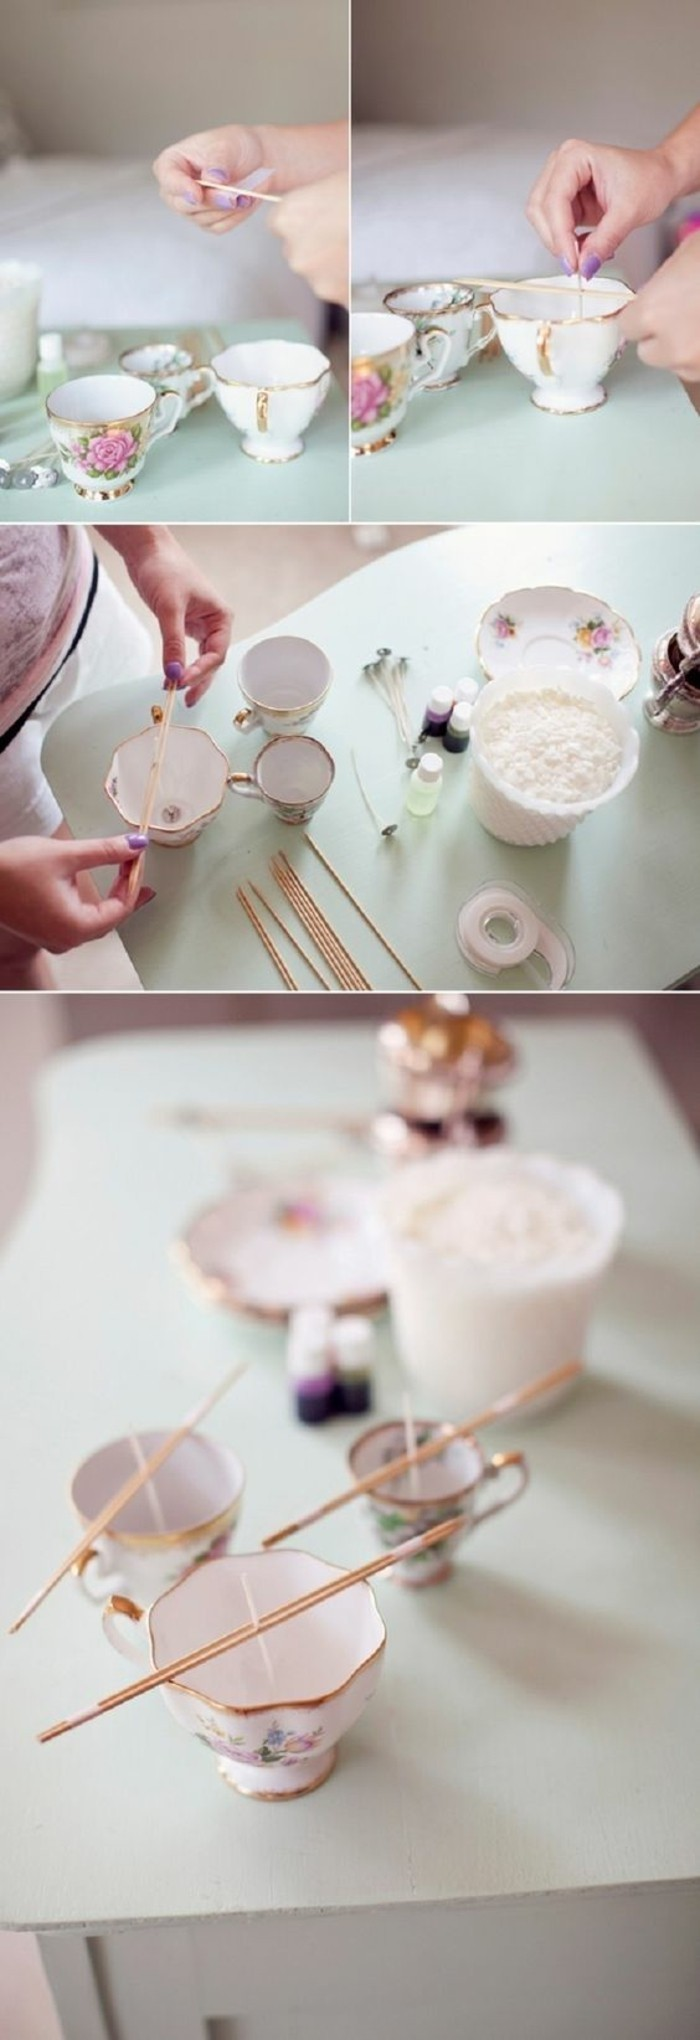 comment-faire-des-boigeoirs-tasses-de-thé-vintage-déco-récup